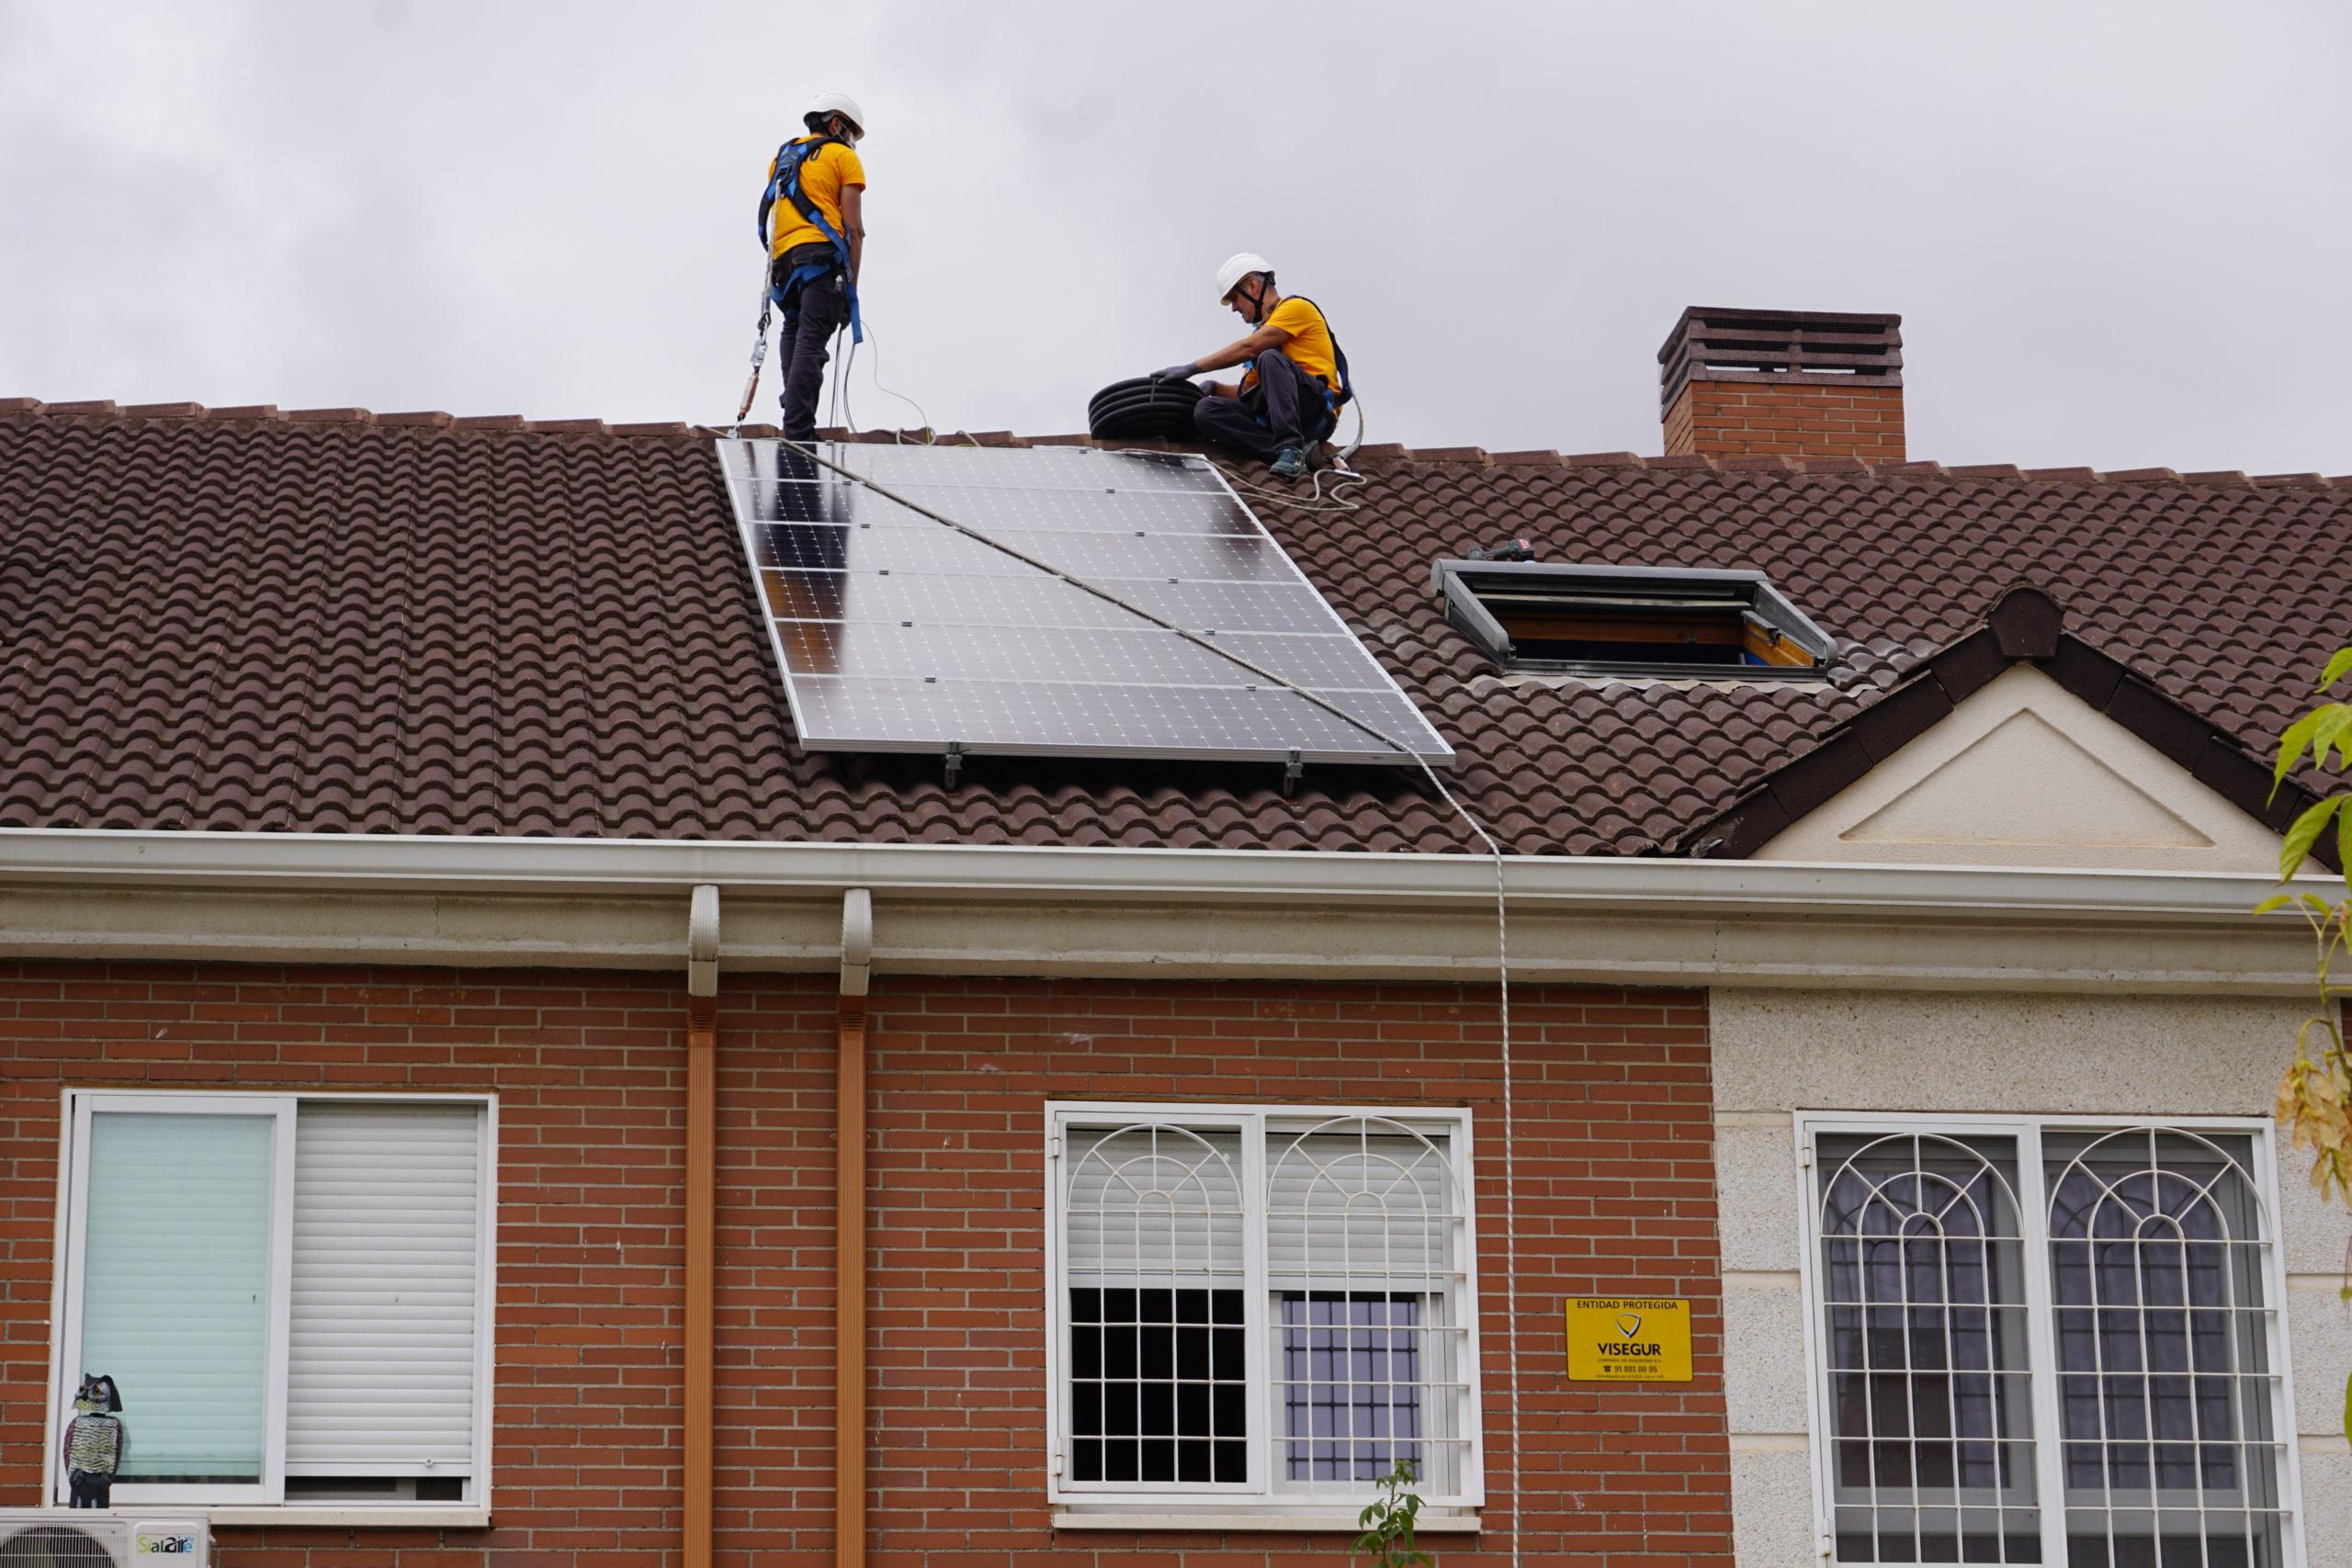 Instalación placas solares Alcalá de henares